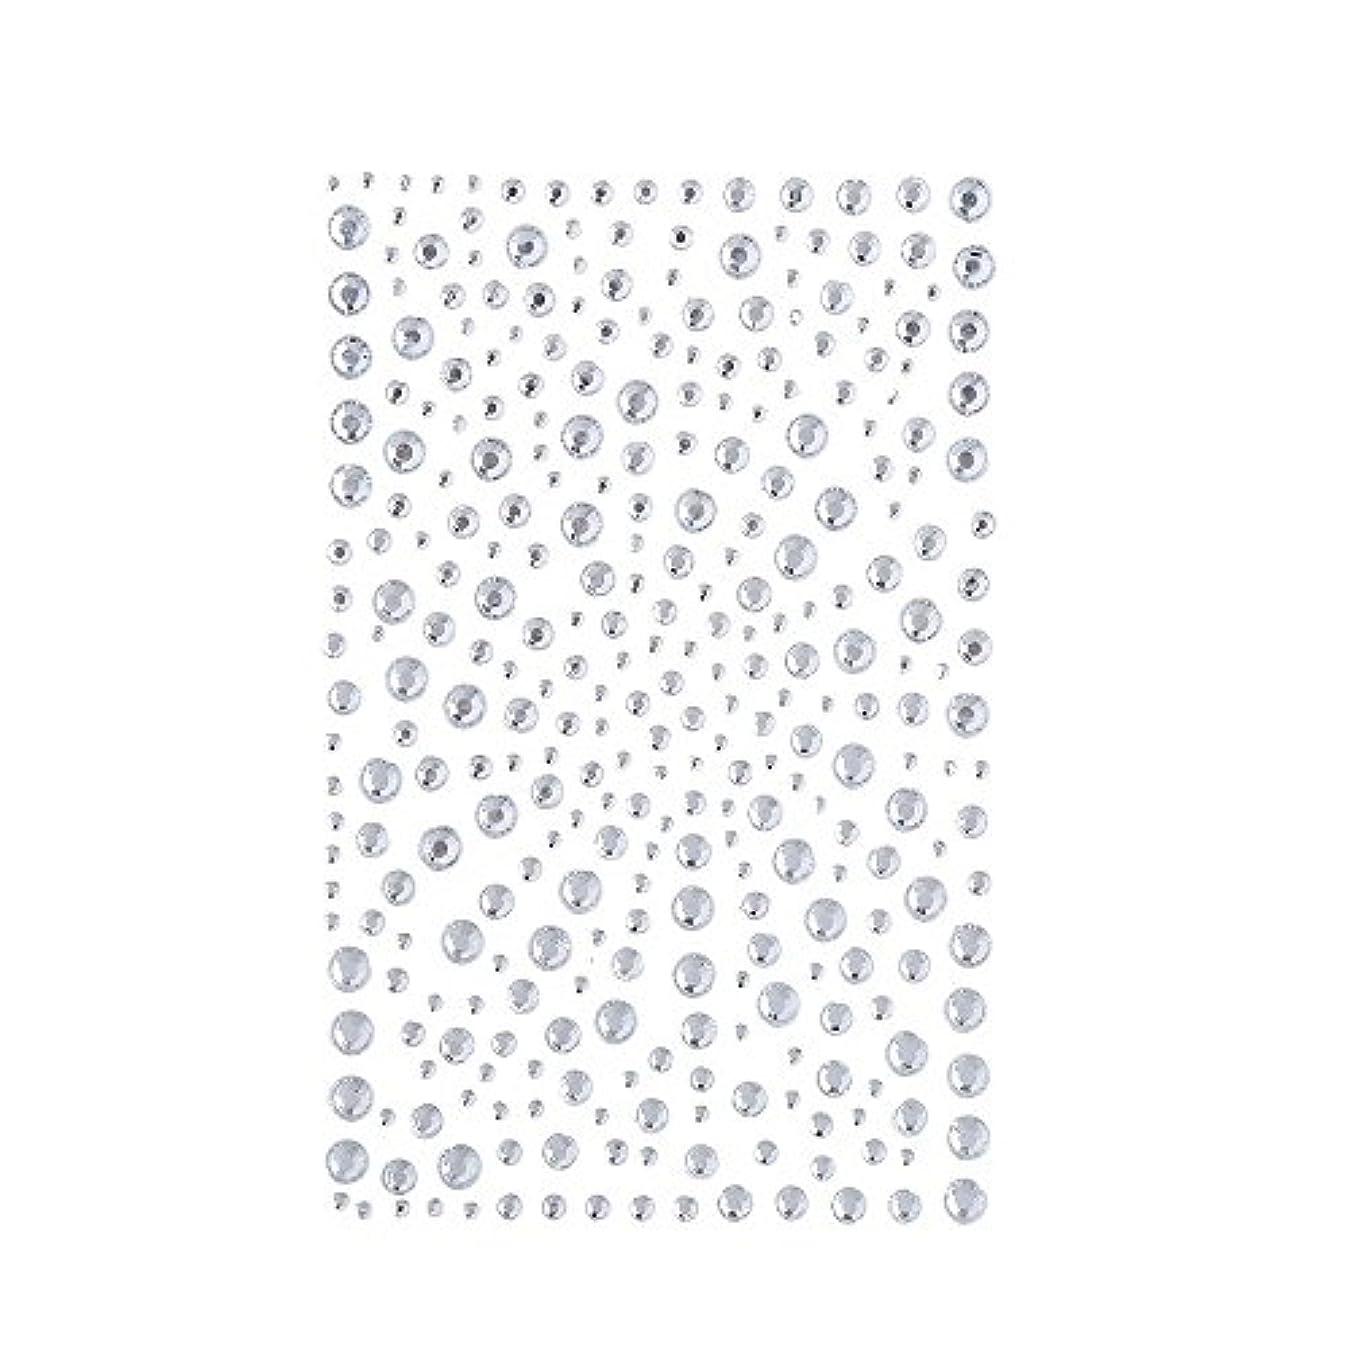 オリエントハードブレイズラインストーン 人工ダイヤモンド スワロフスキー ホットフィックス 325粒 (白)